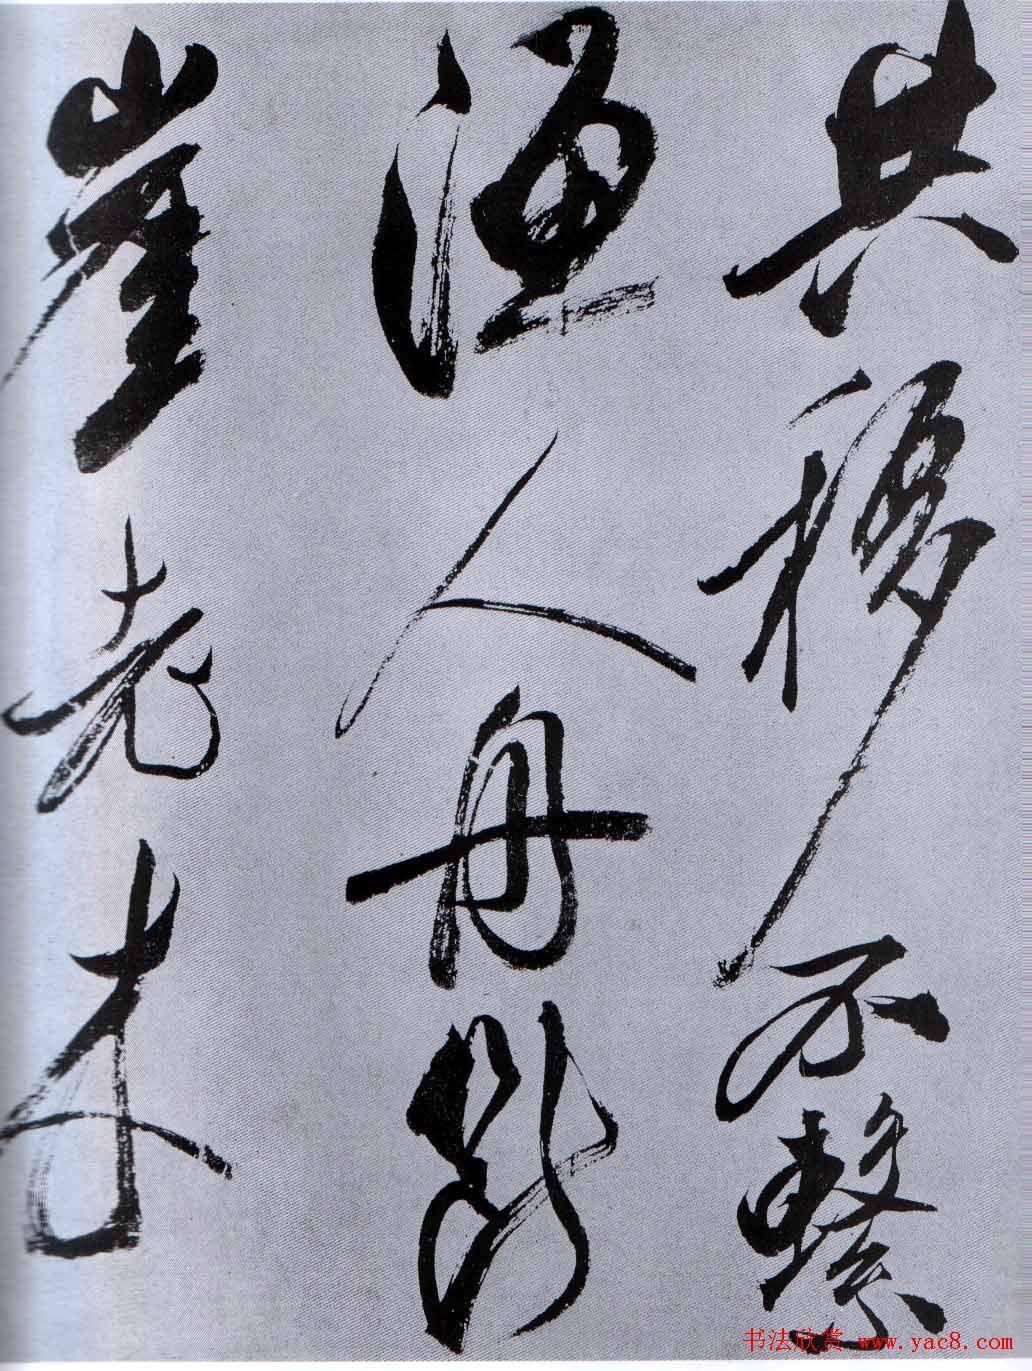 米芾行草书法《从天竺归隐溪之南冈诗》(3)图片